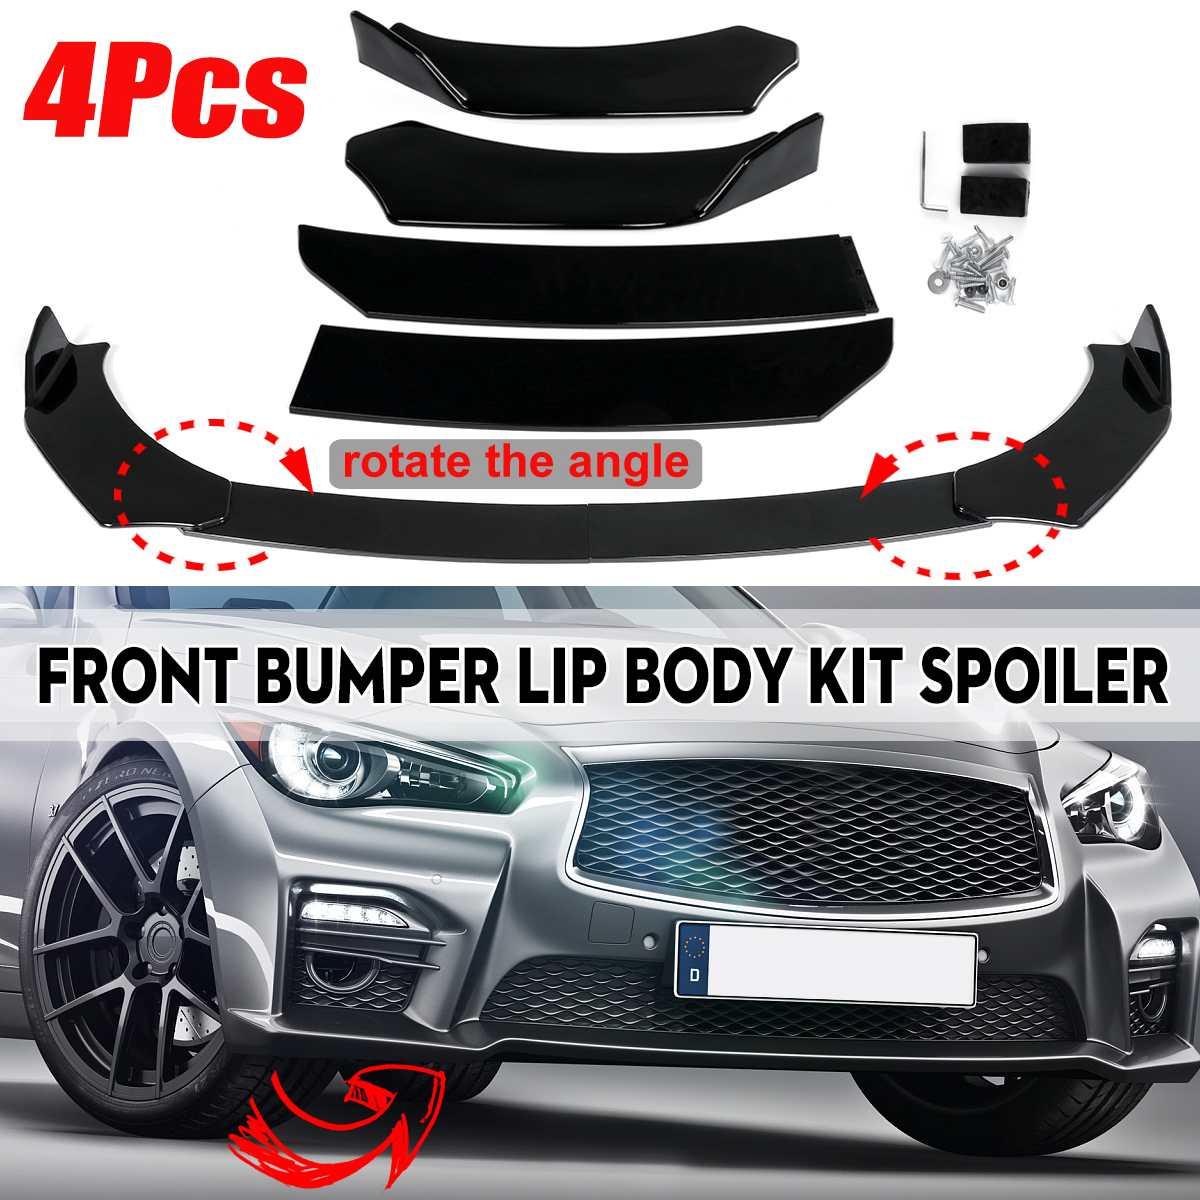 Universal 4PC auto separador de parachoques delantero Spoiler guardia difusor para Infiniti Q50 Q60 Q70 G25 G37 para Benz W205 W204 W203 W211